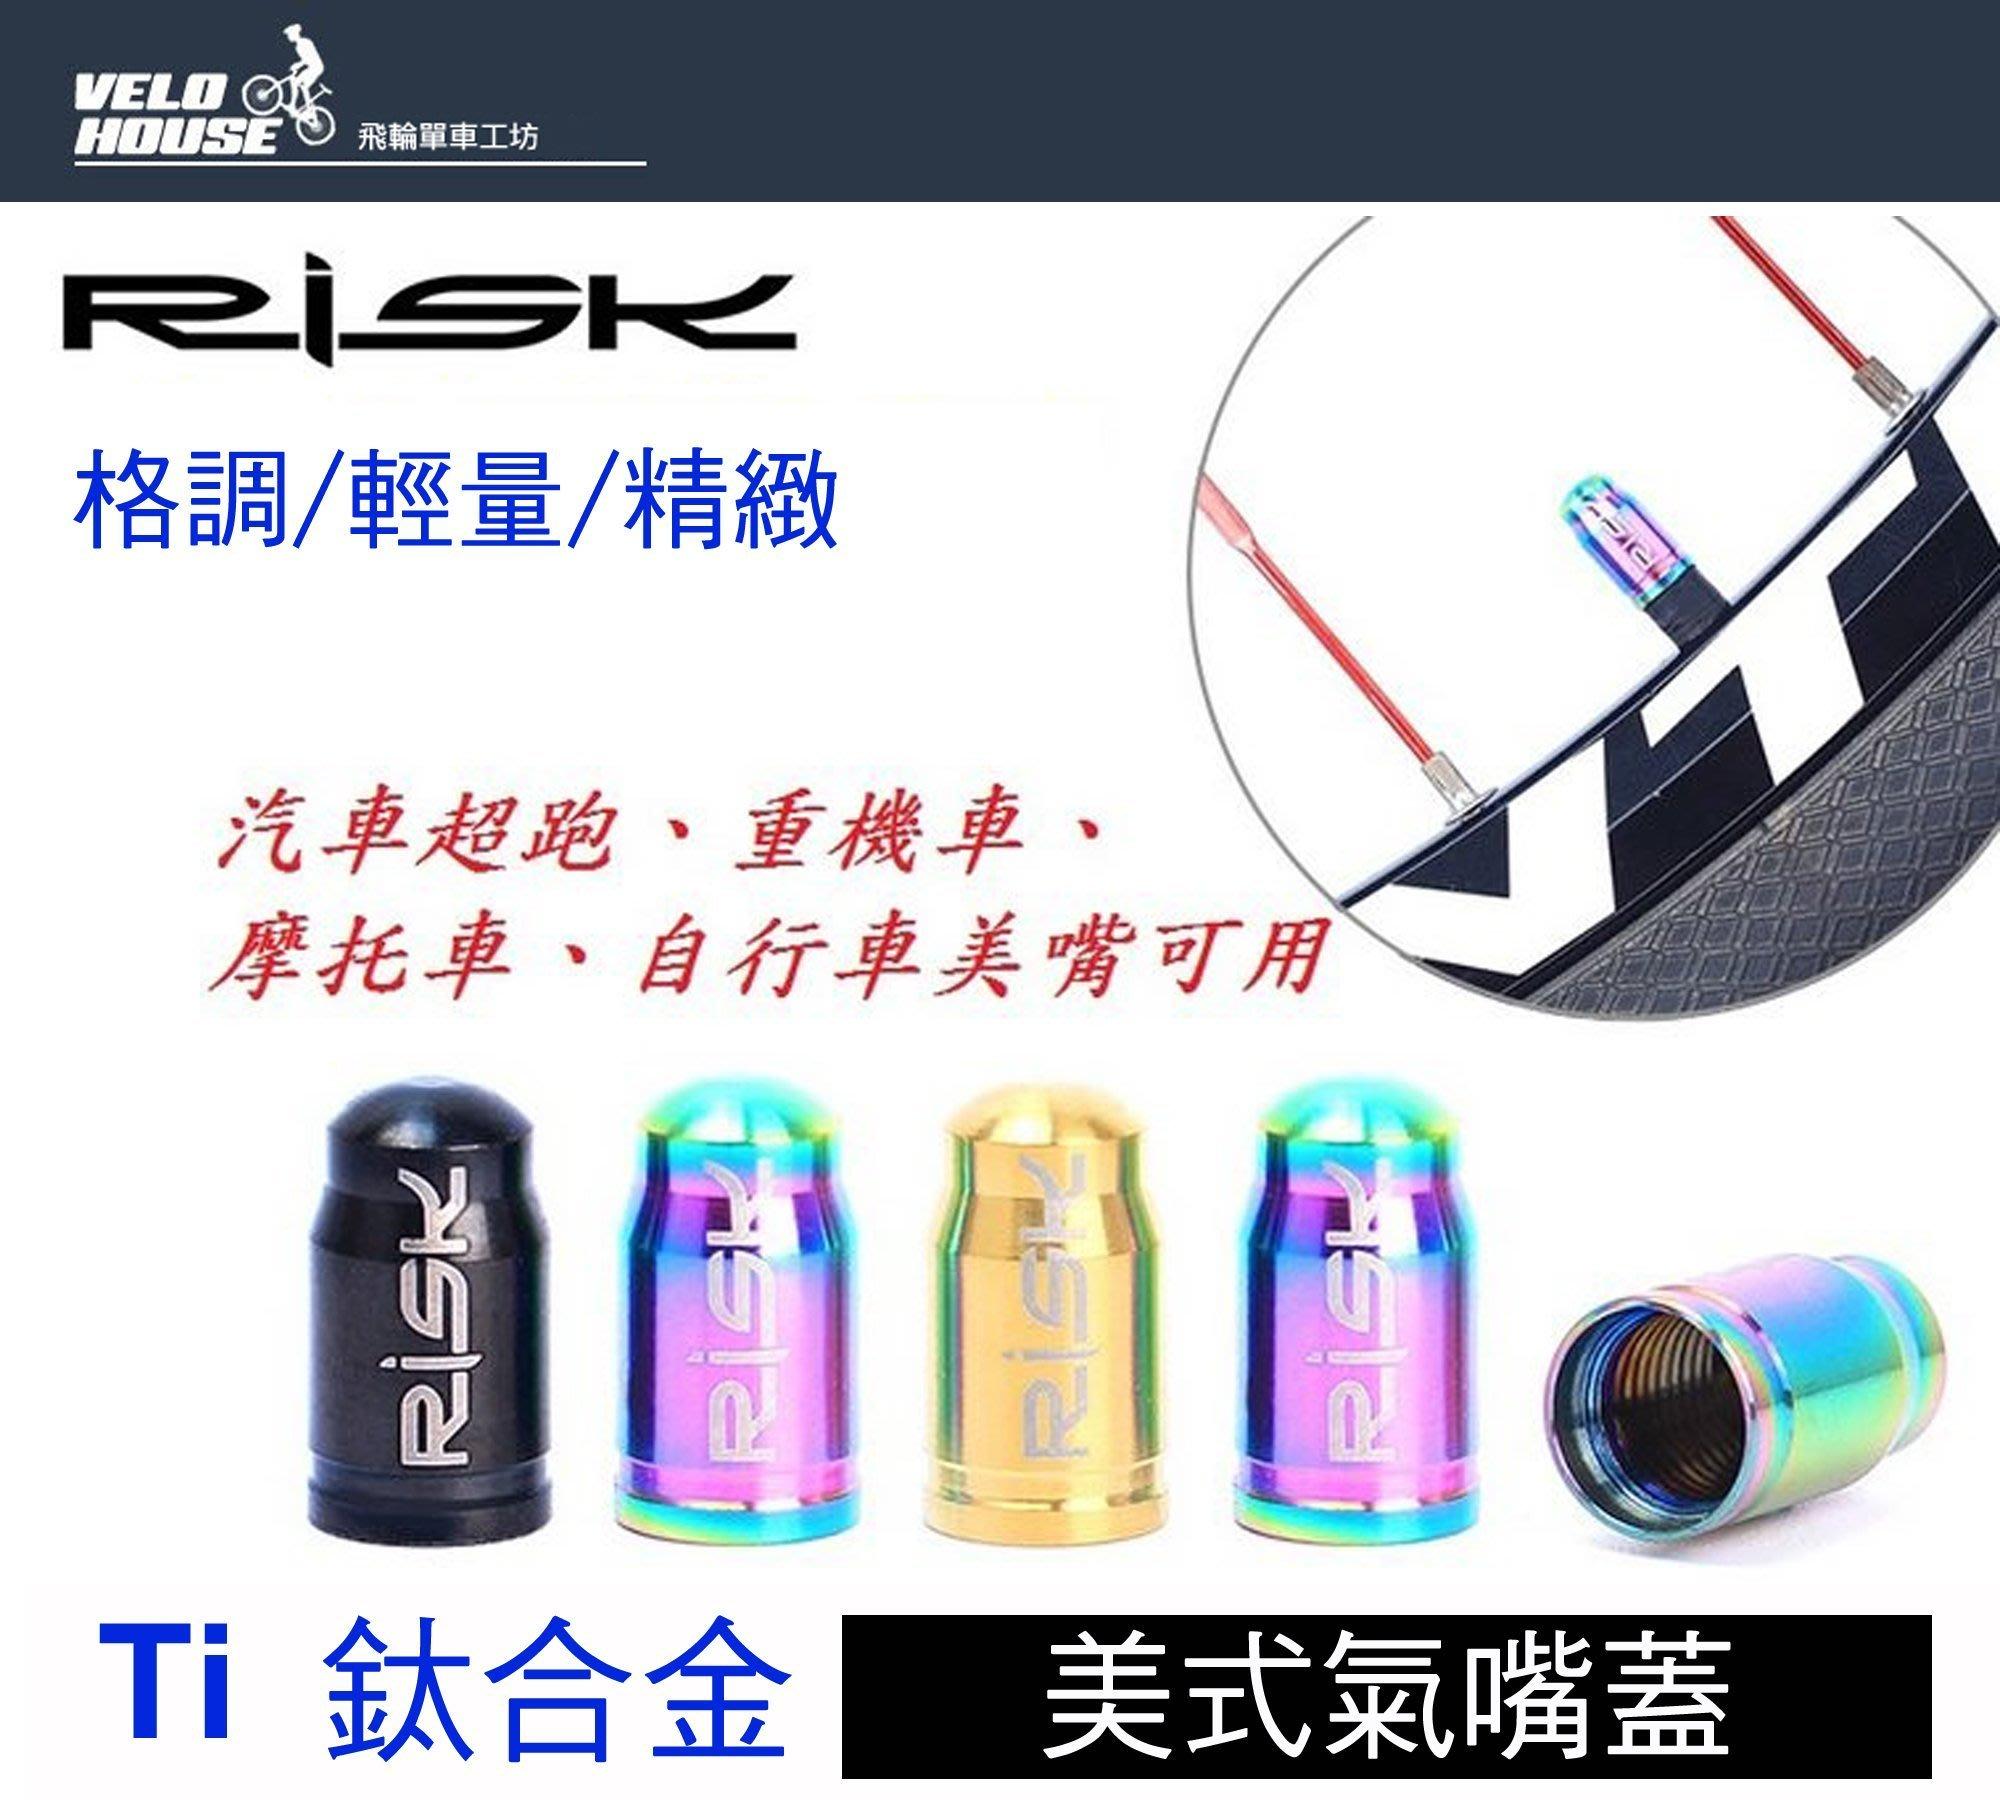 【飛輪單車】RISK TC4鈦合金美式氣嘴蓋-勁炫首選 風格獨特 汽車 摩托車 機車 跑車 (一入 三色選擇)